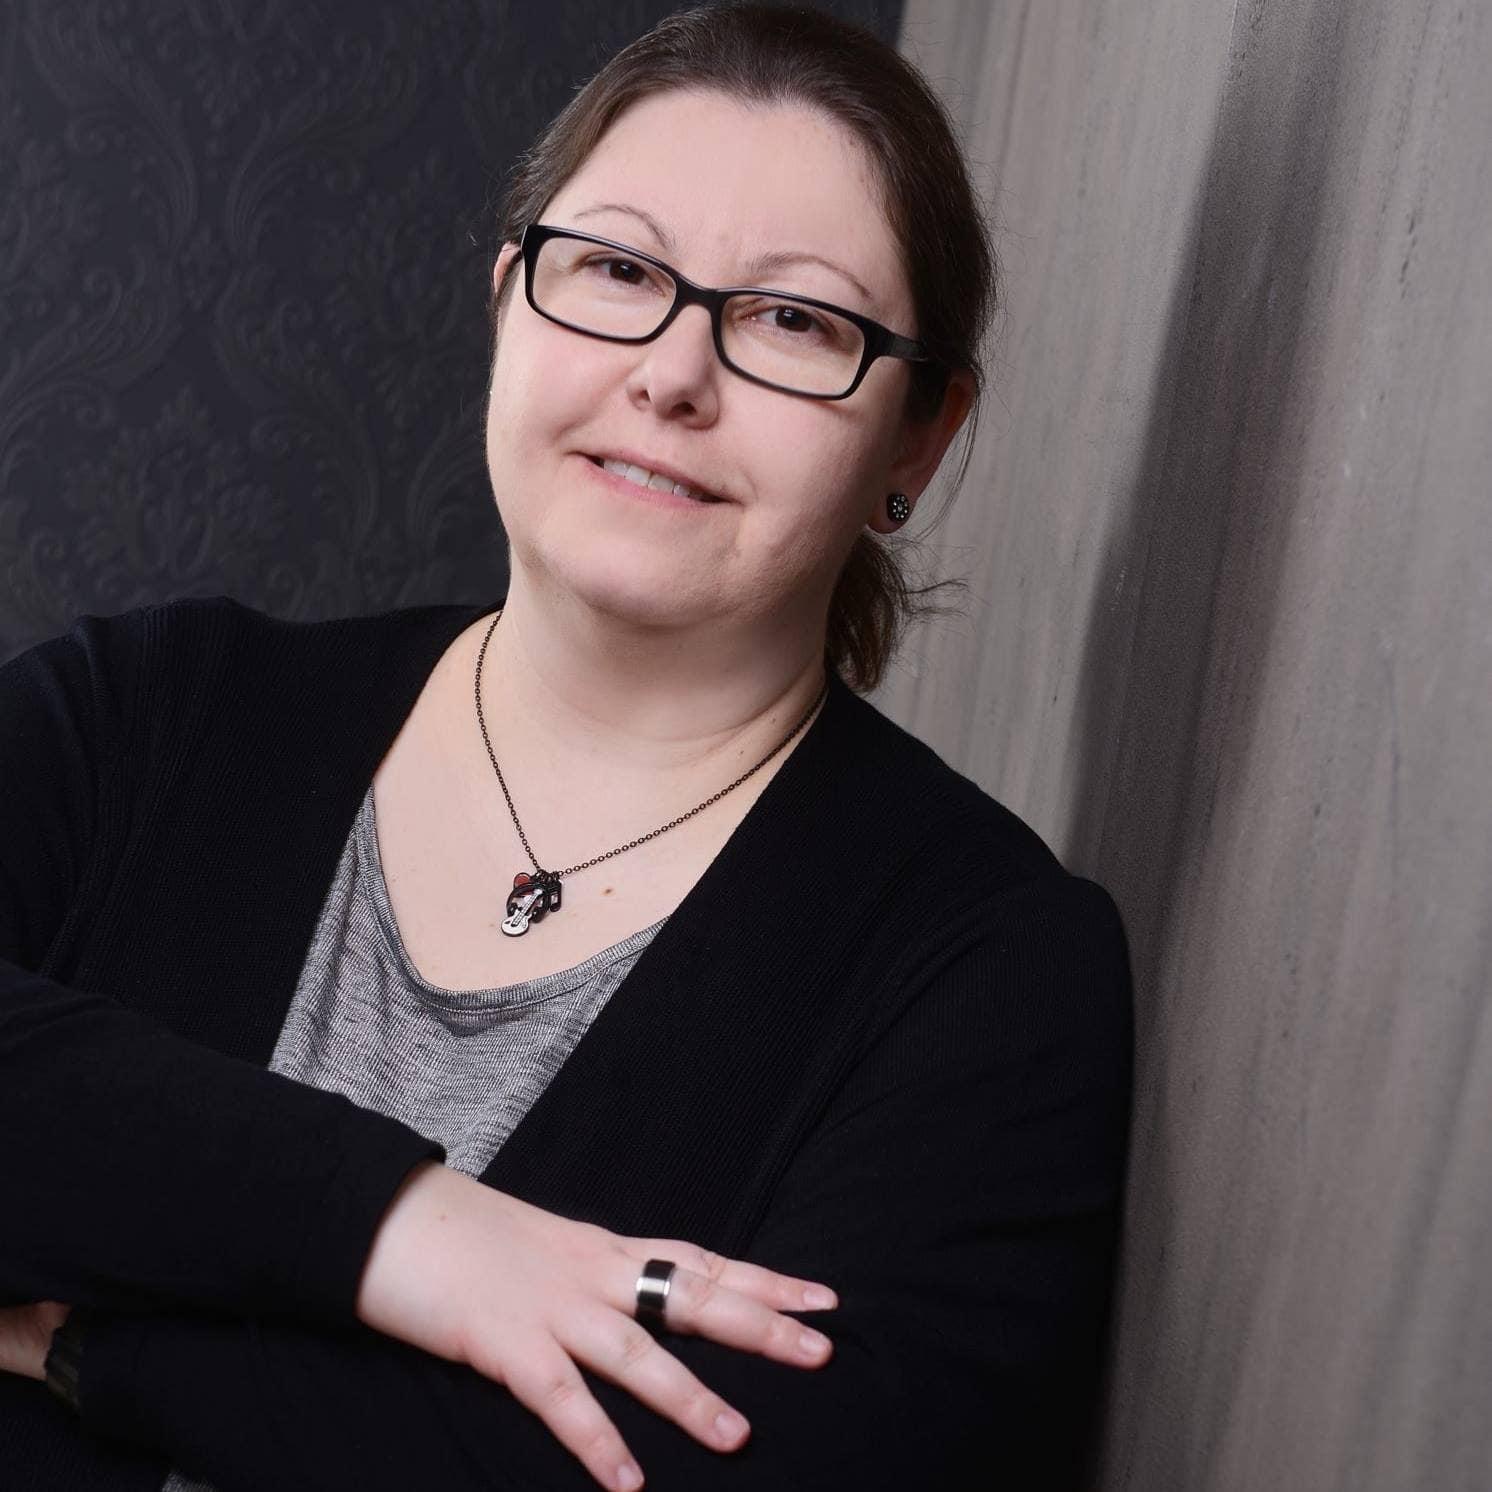 Dr. Andrea Jaeckel-Dobschat